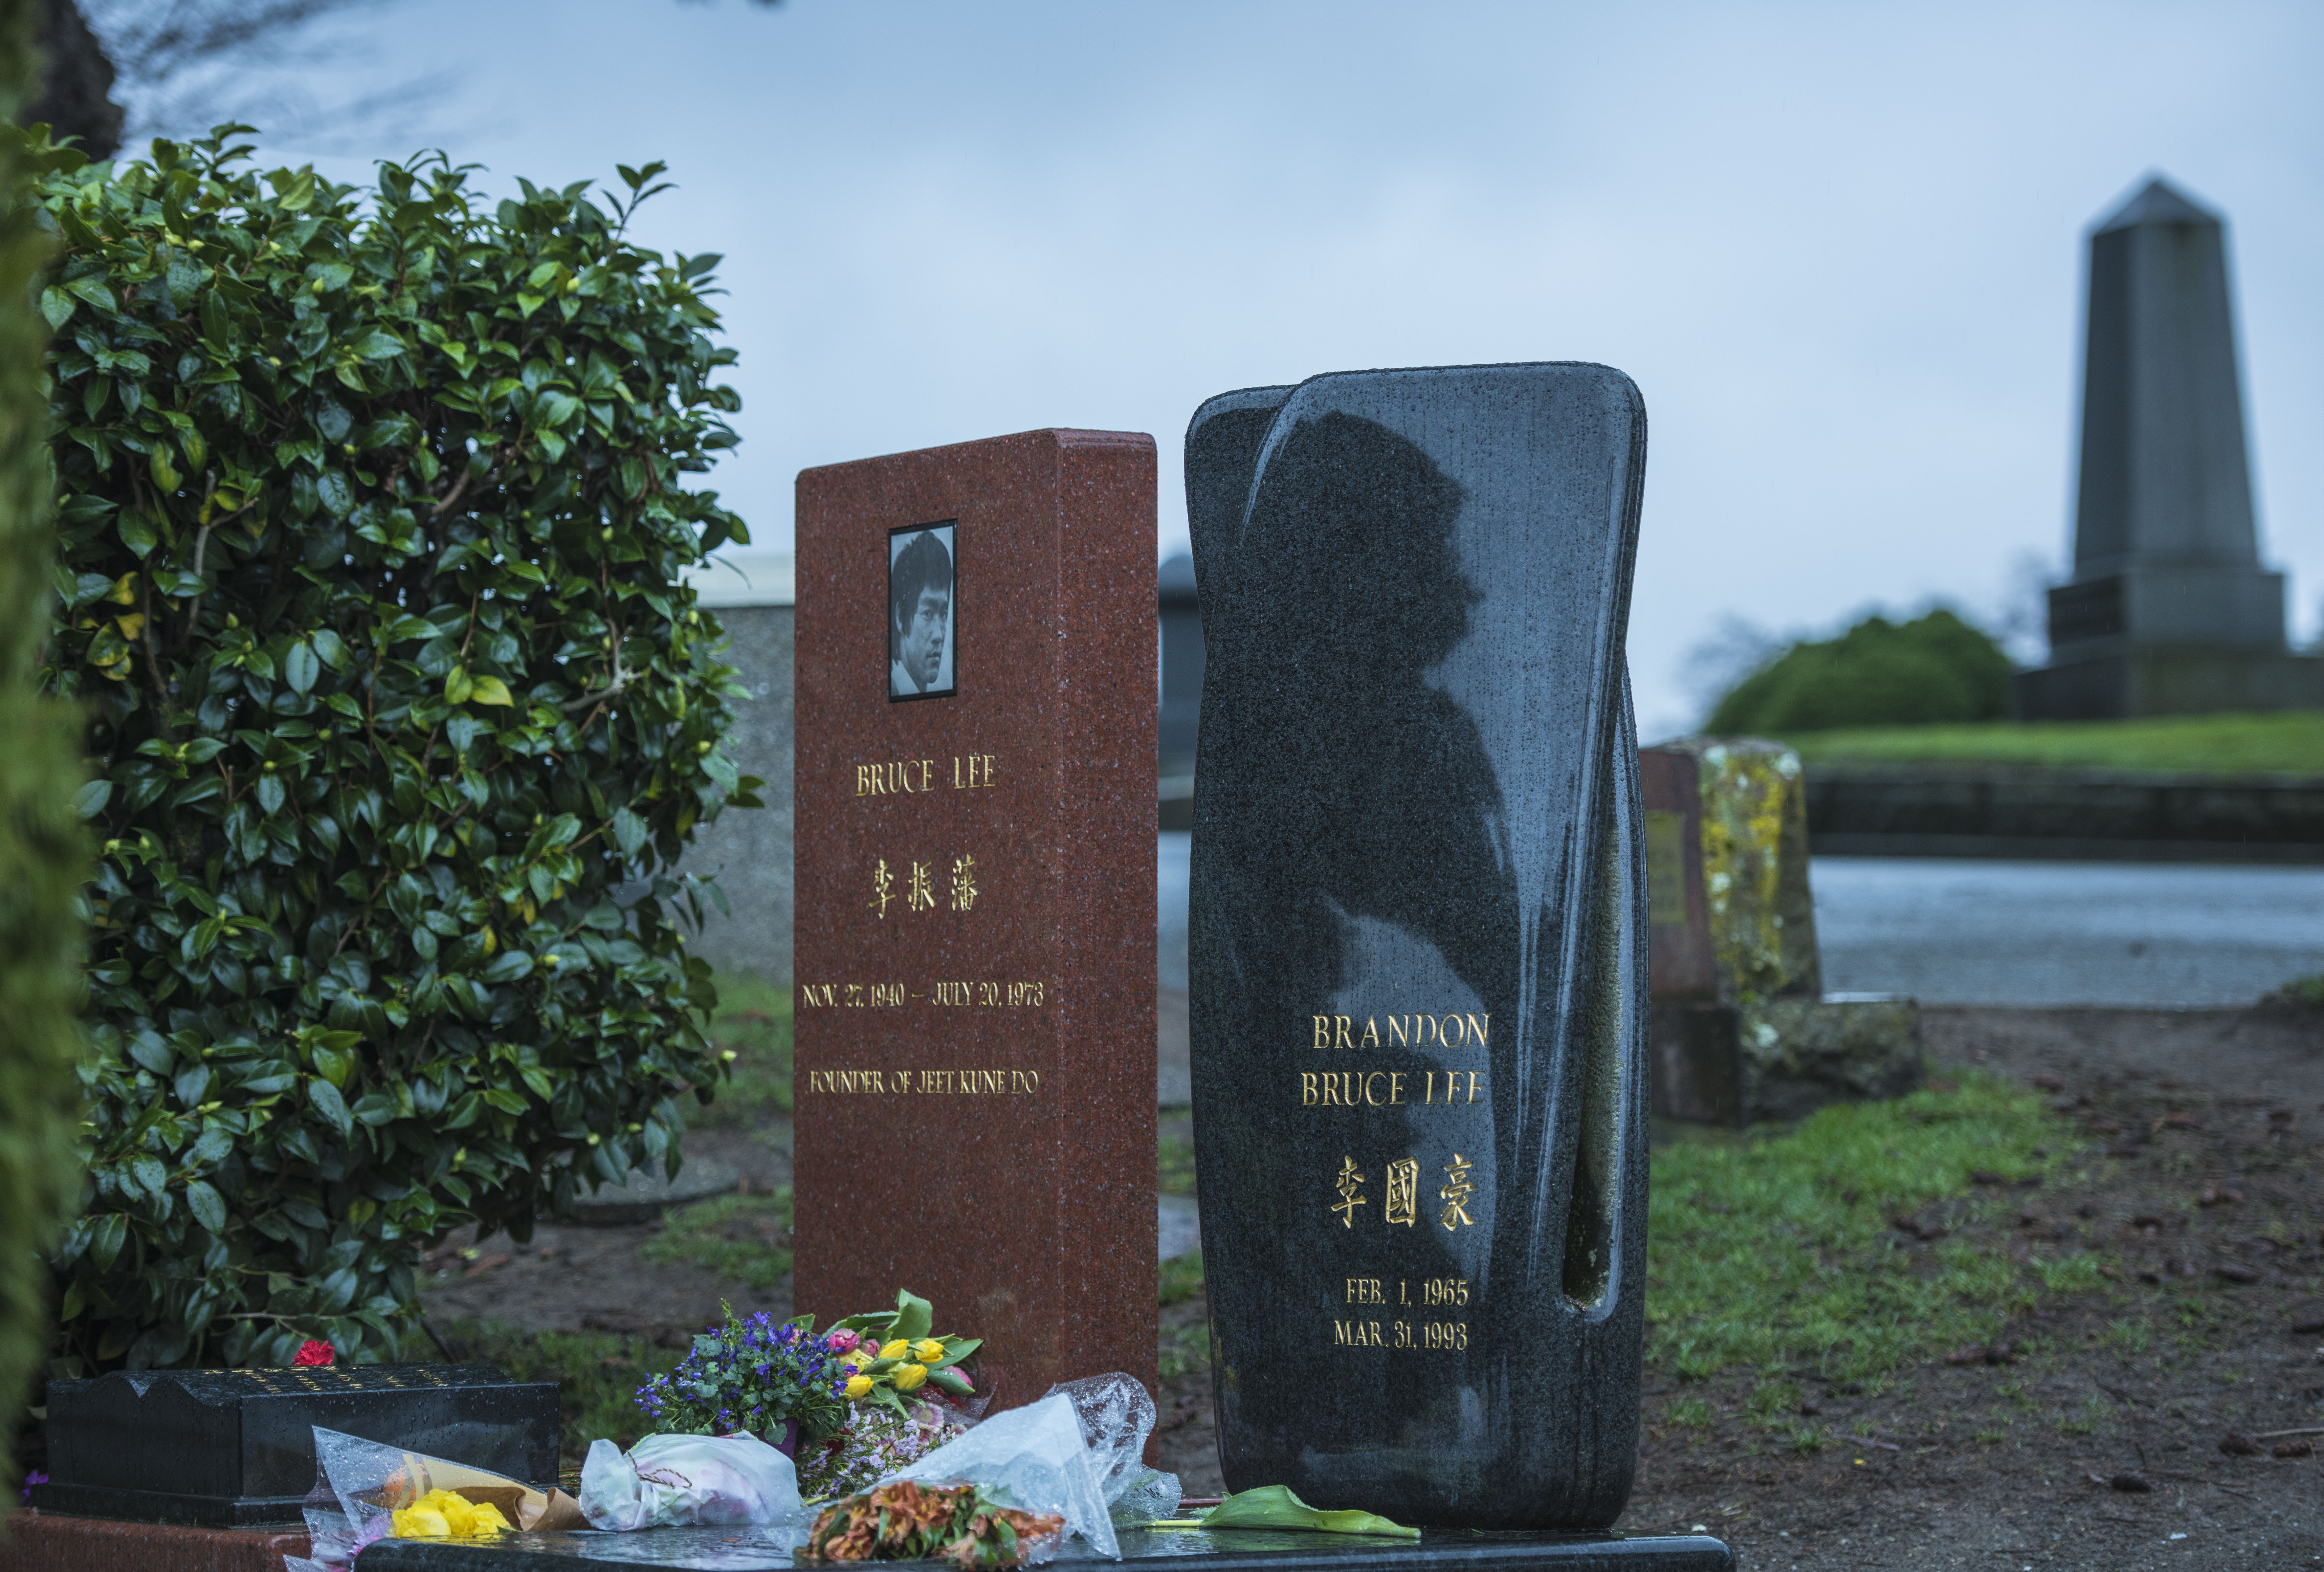 李小龙的墓地里居然合葬的还有一个人,而且还不是他的妻子